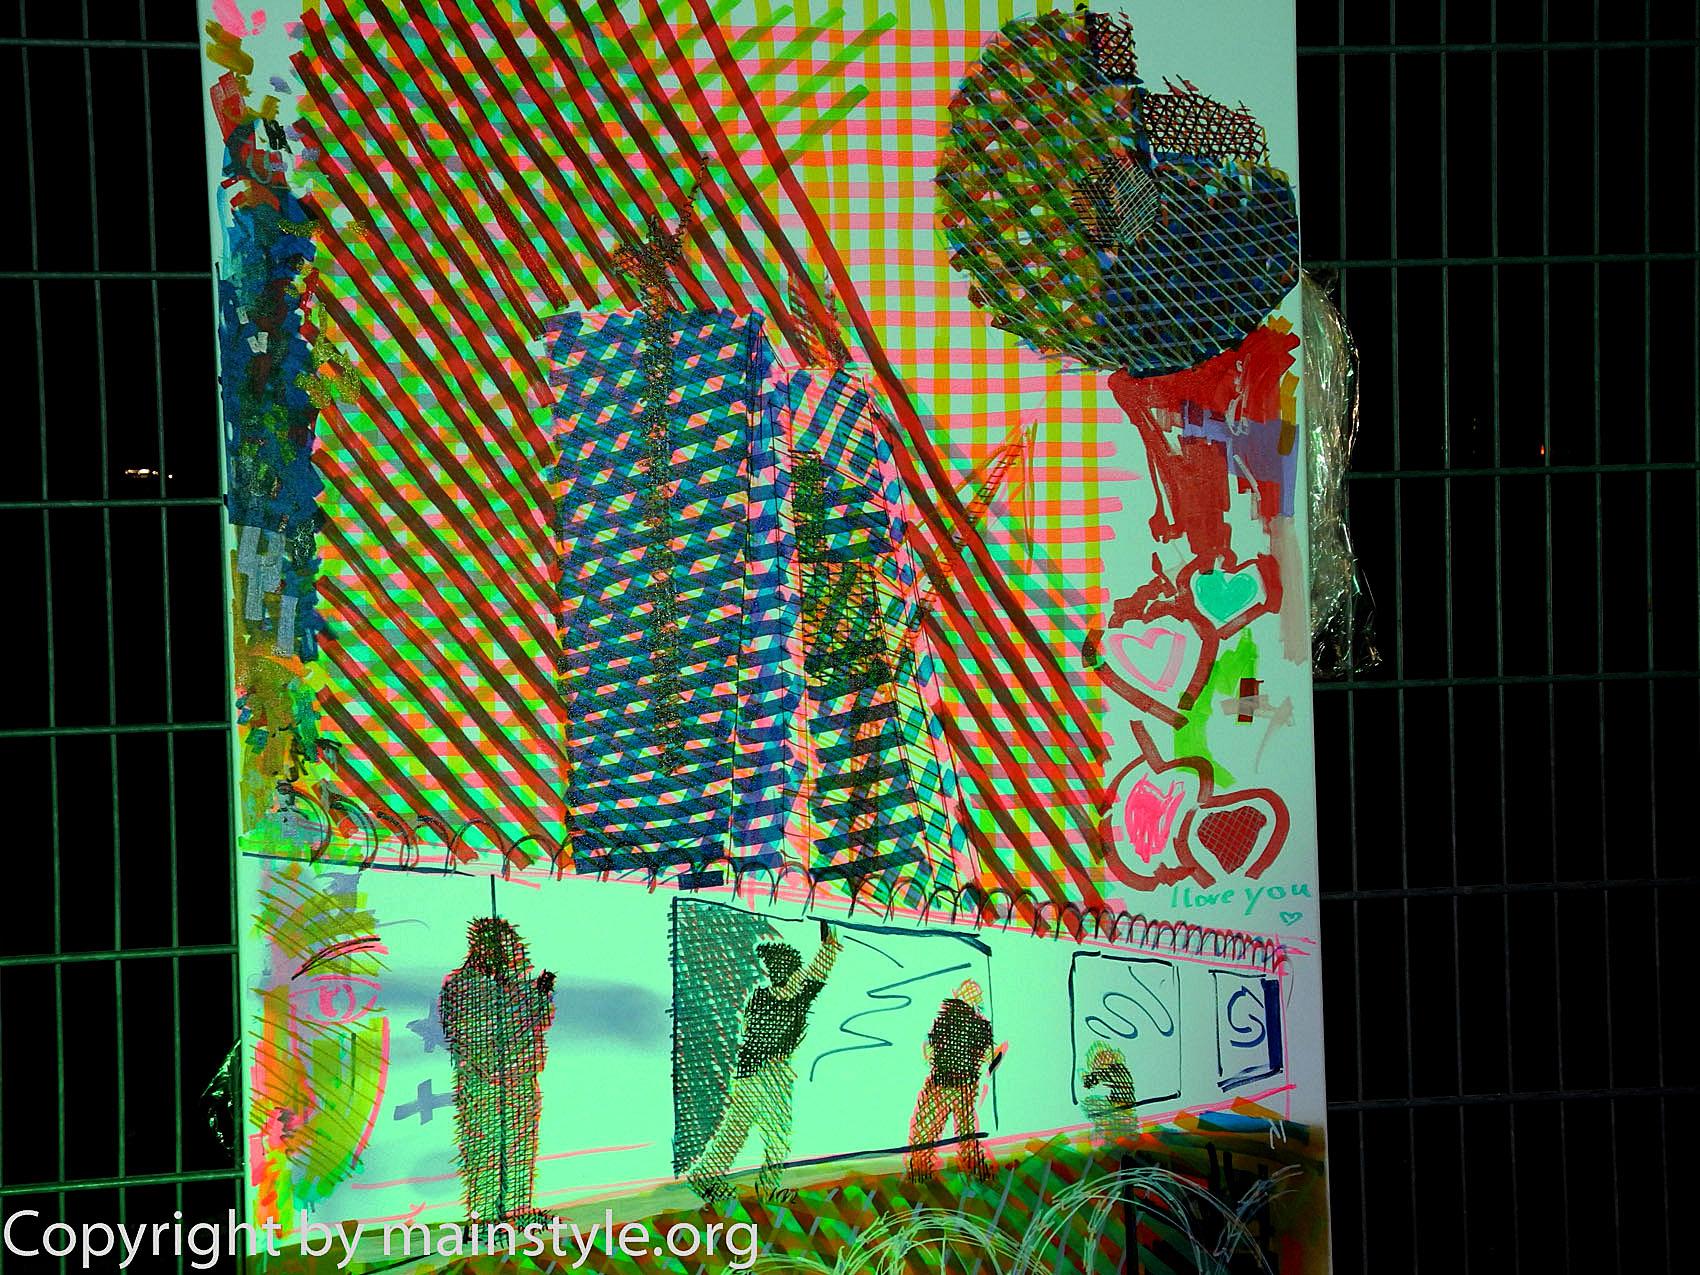 Frankfurt_Nacht_der_Museen_Graffiti_EZB_2013_-178